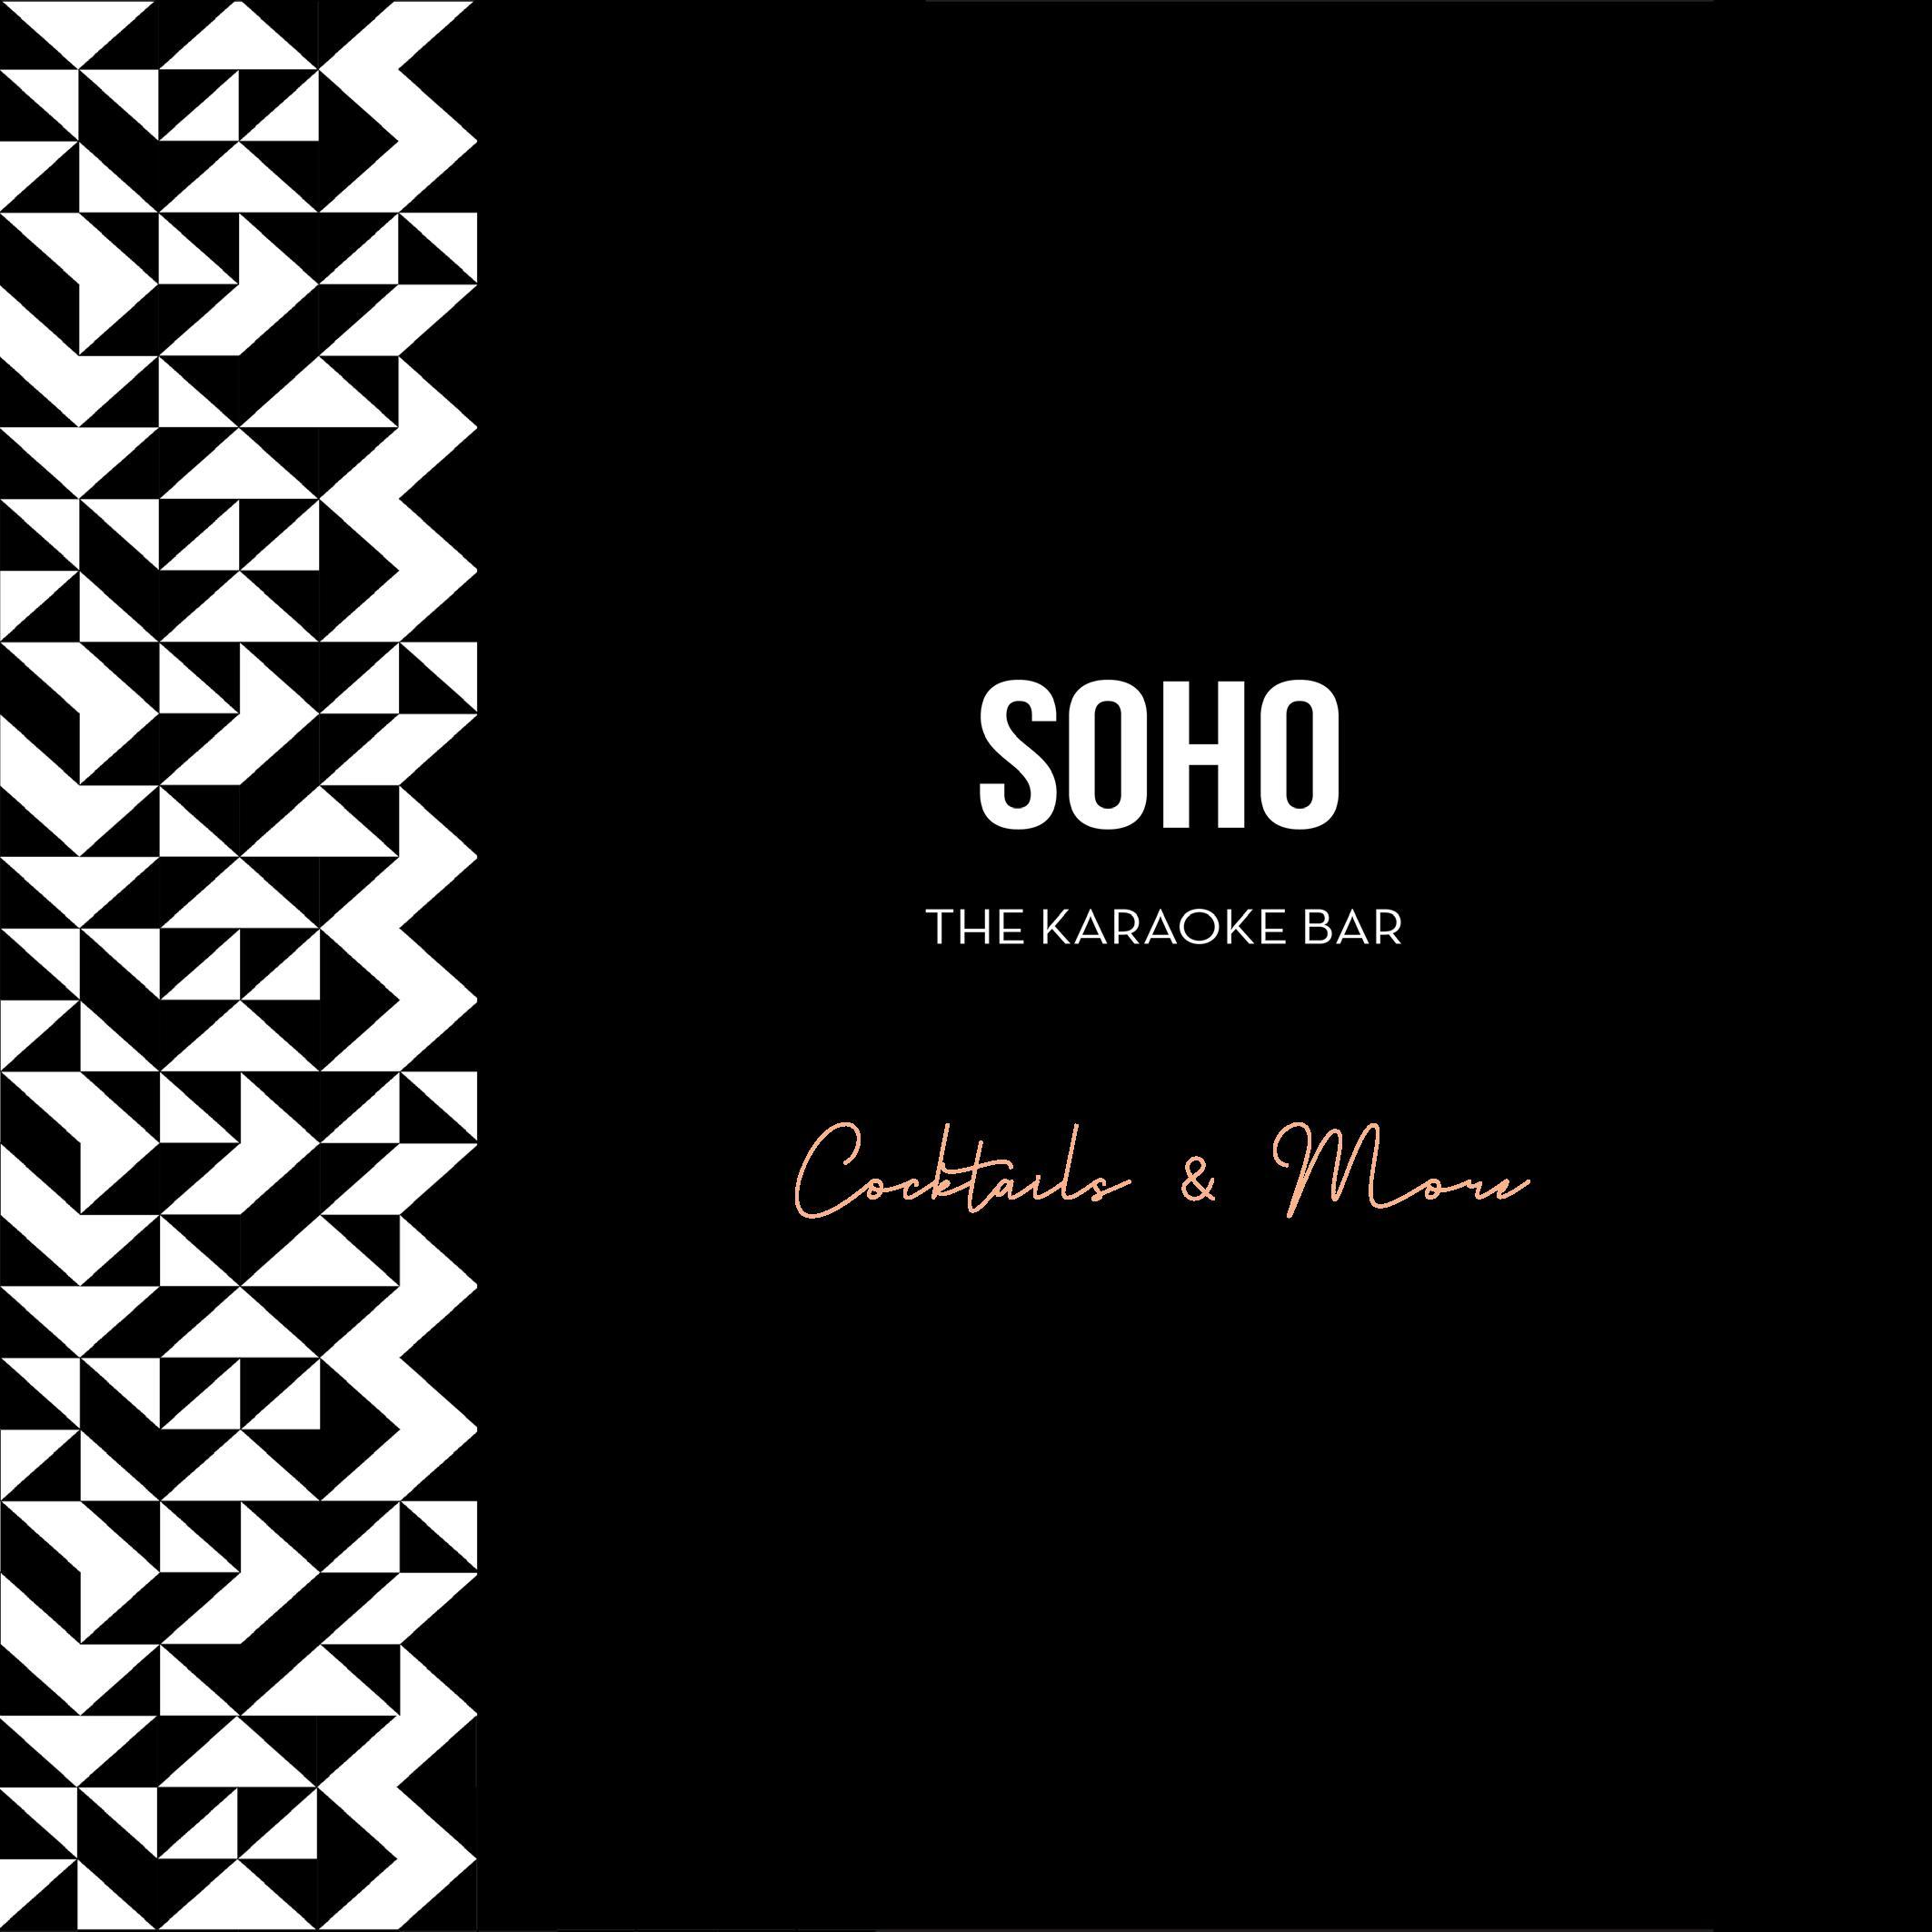 SOHO MENU 2020 BLACK KARE page 001